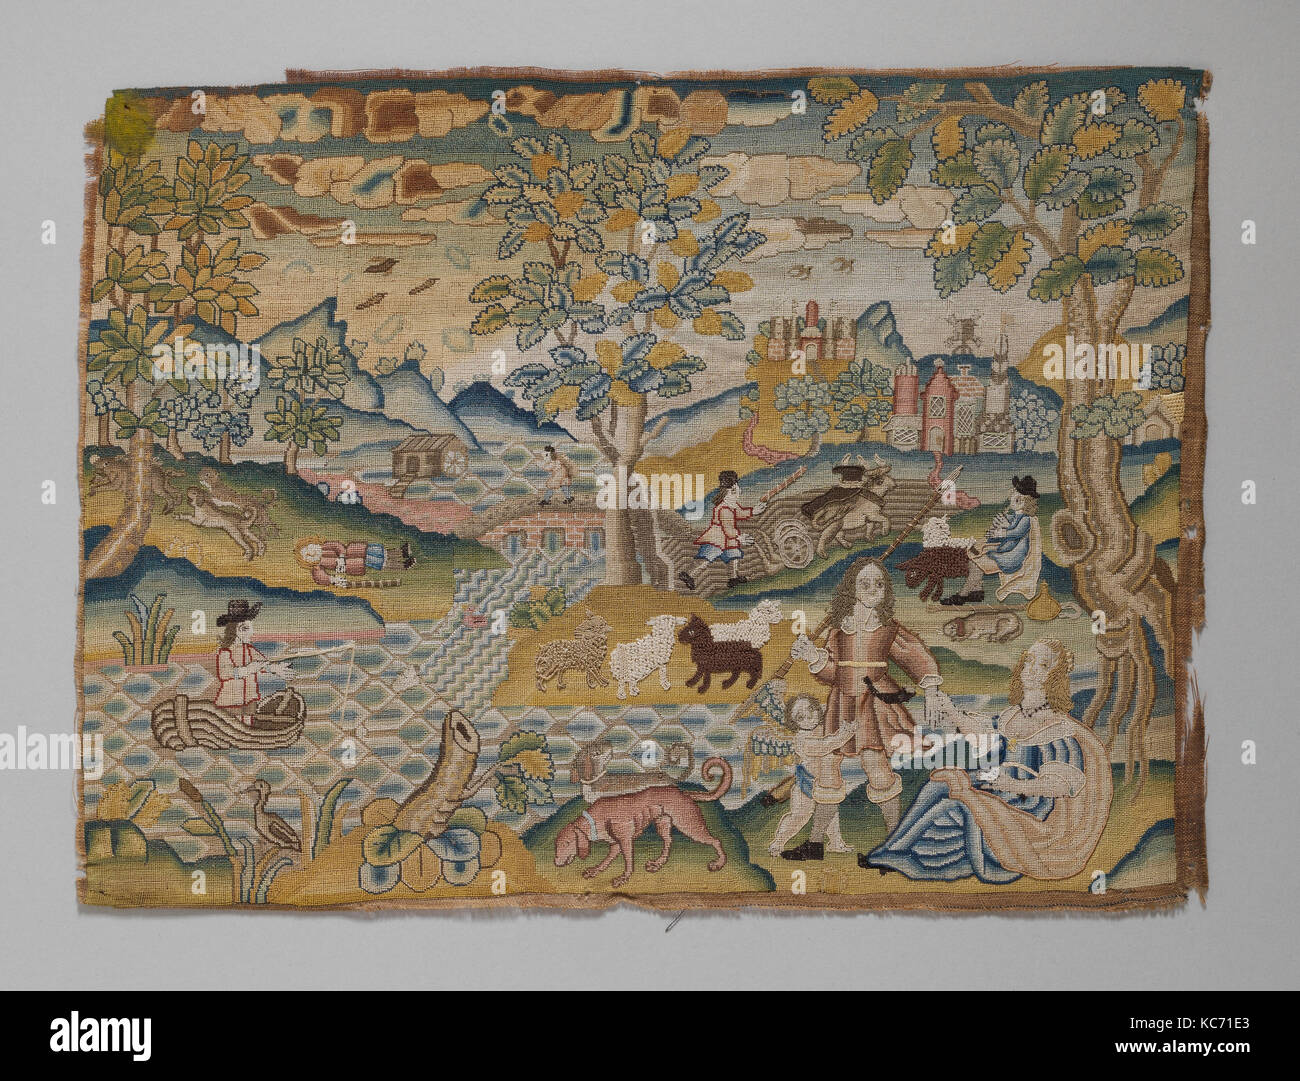 Amantes con amor, de mediados del siglo xvii, británicos, Canvas trabajó con hilo de seda, mica; carpa, Imagen De Stock